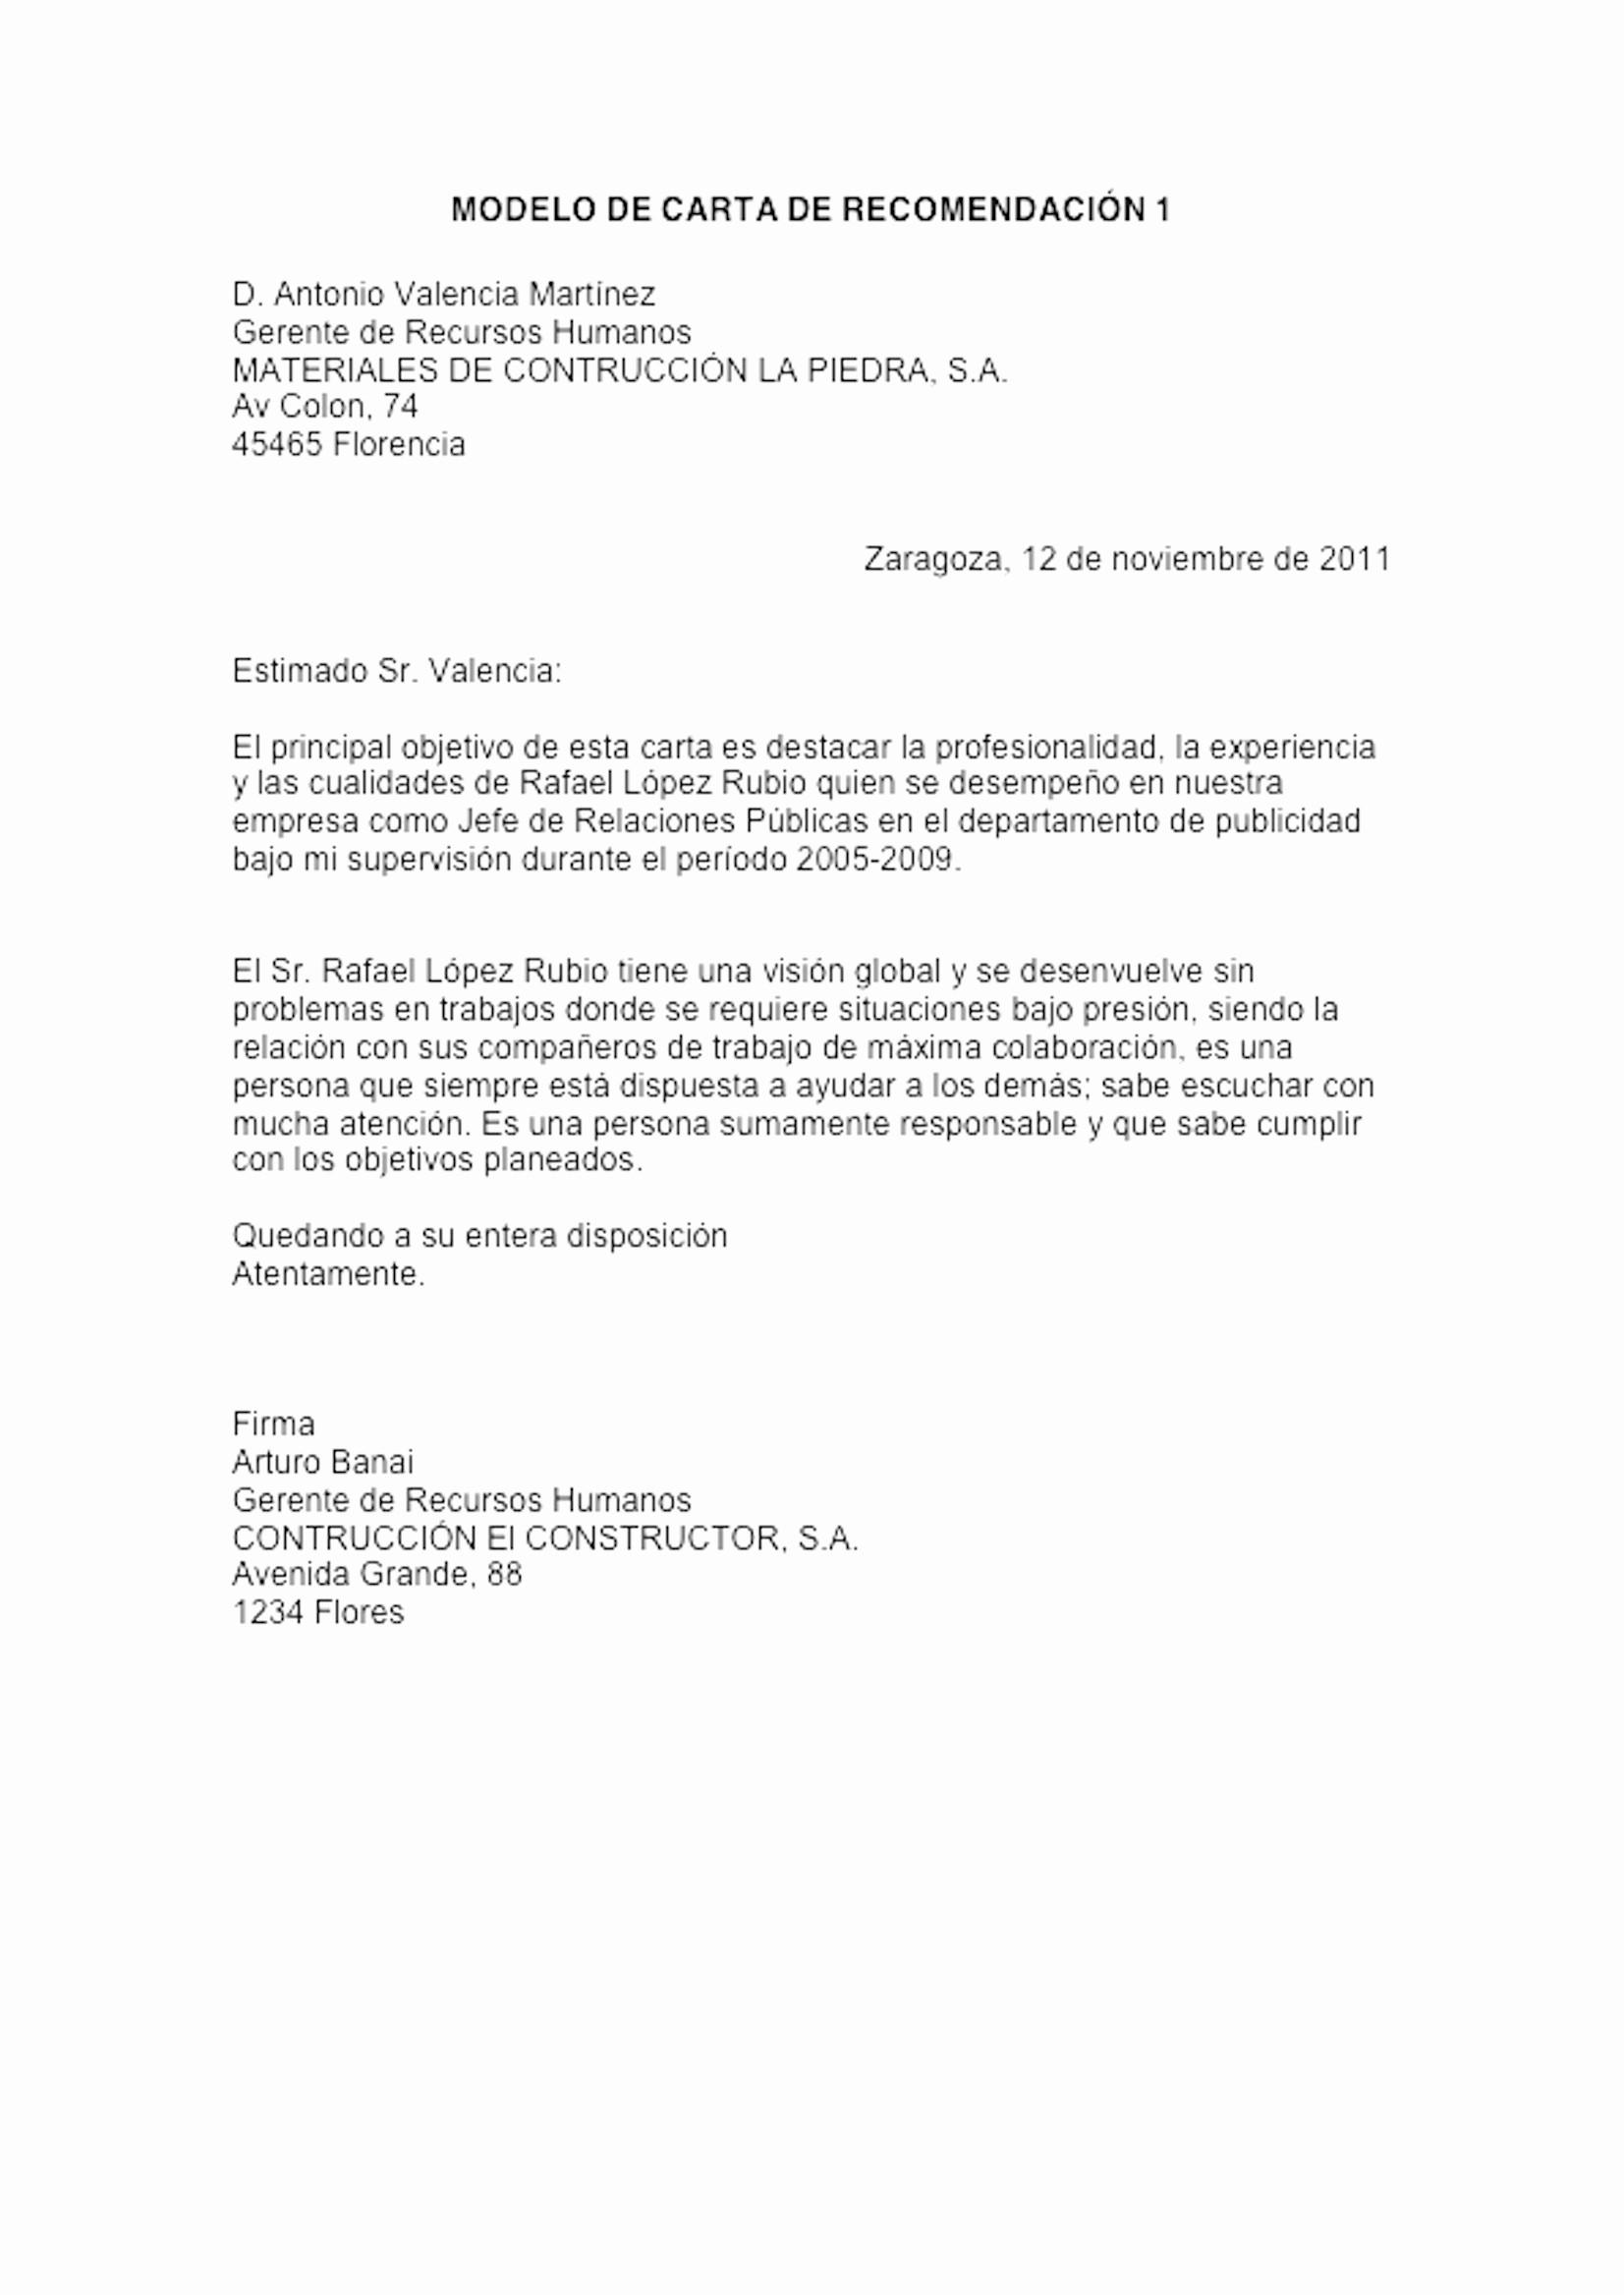 Carta De Recomendacion Personal Ejemplo Beautiful Ejemplo Editable De Carta De Re Endación 01 Currculum